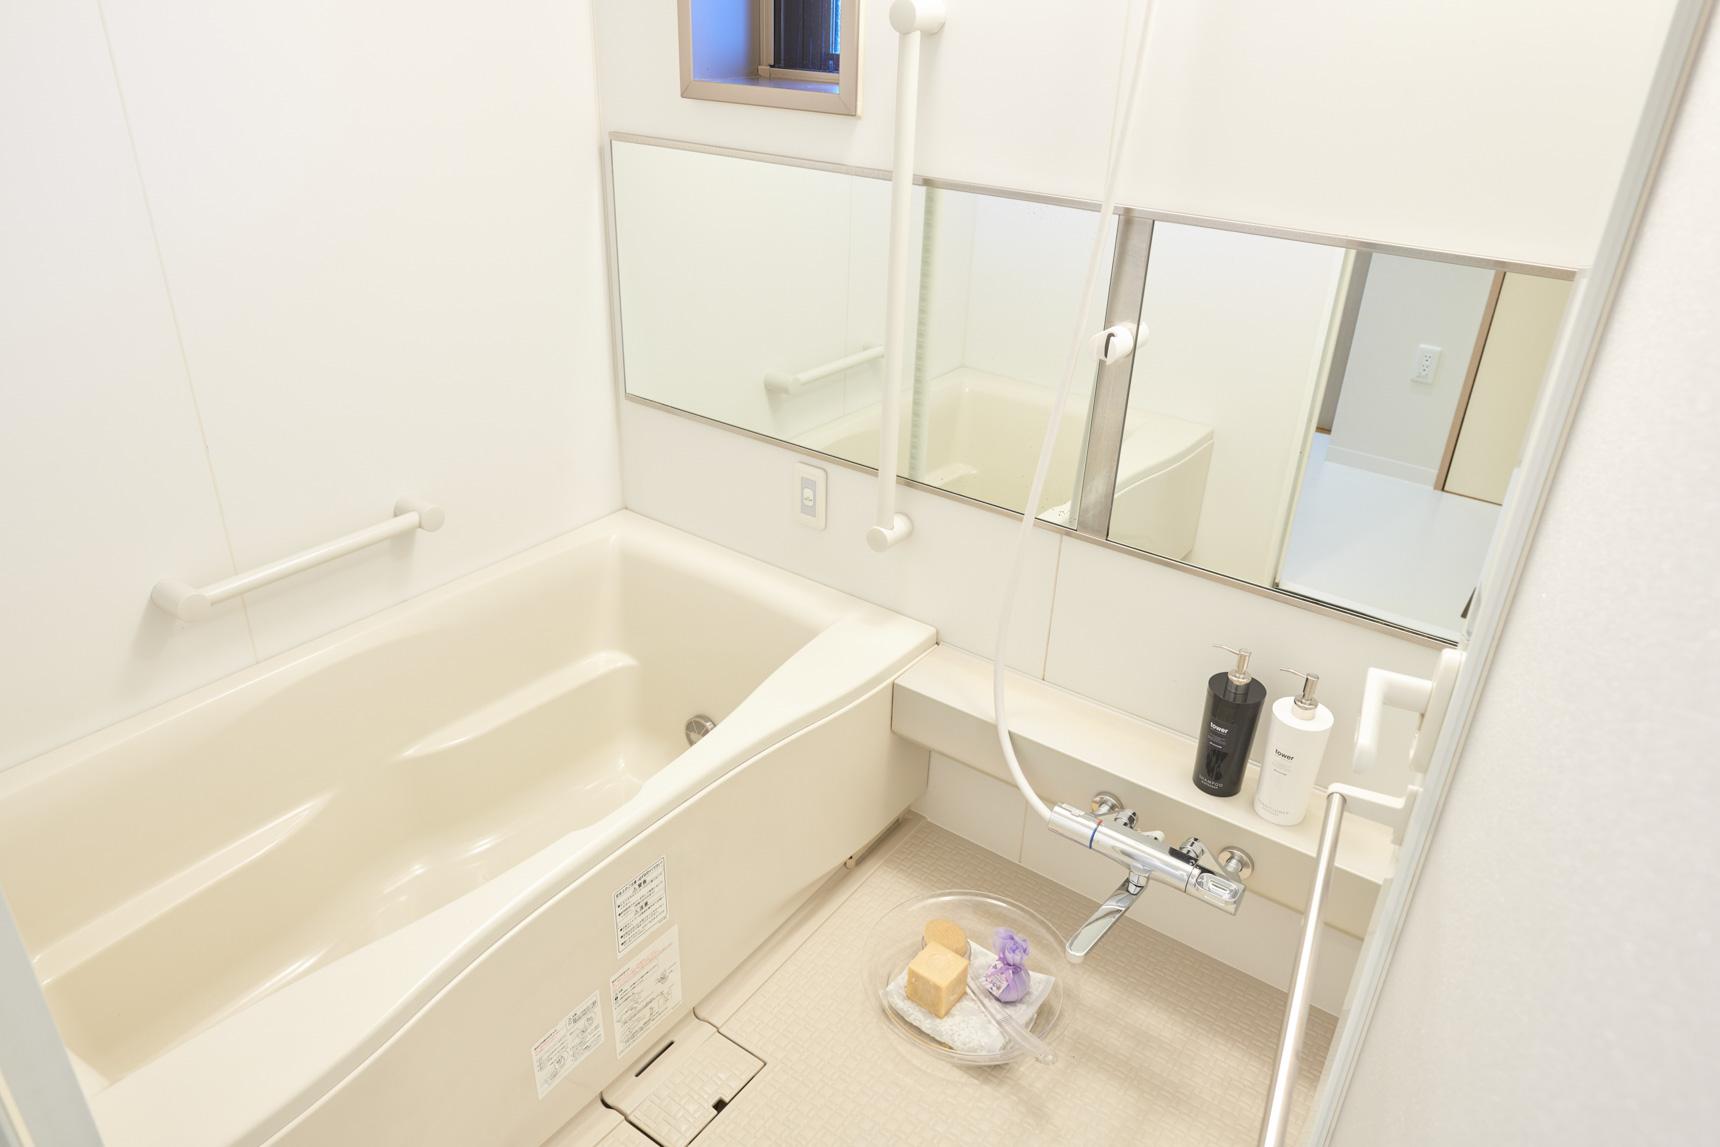 バスルームもこのゆとり。しっかり足を伸ばして入れる浴槽に、浴室乾燥などの嬉しい機能もついています。